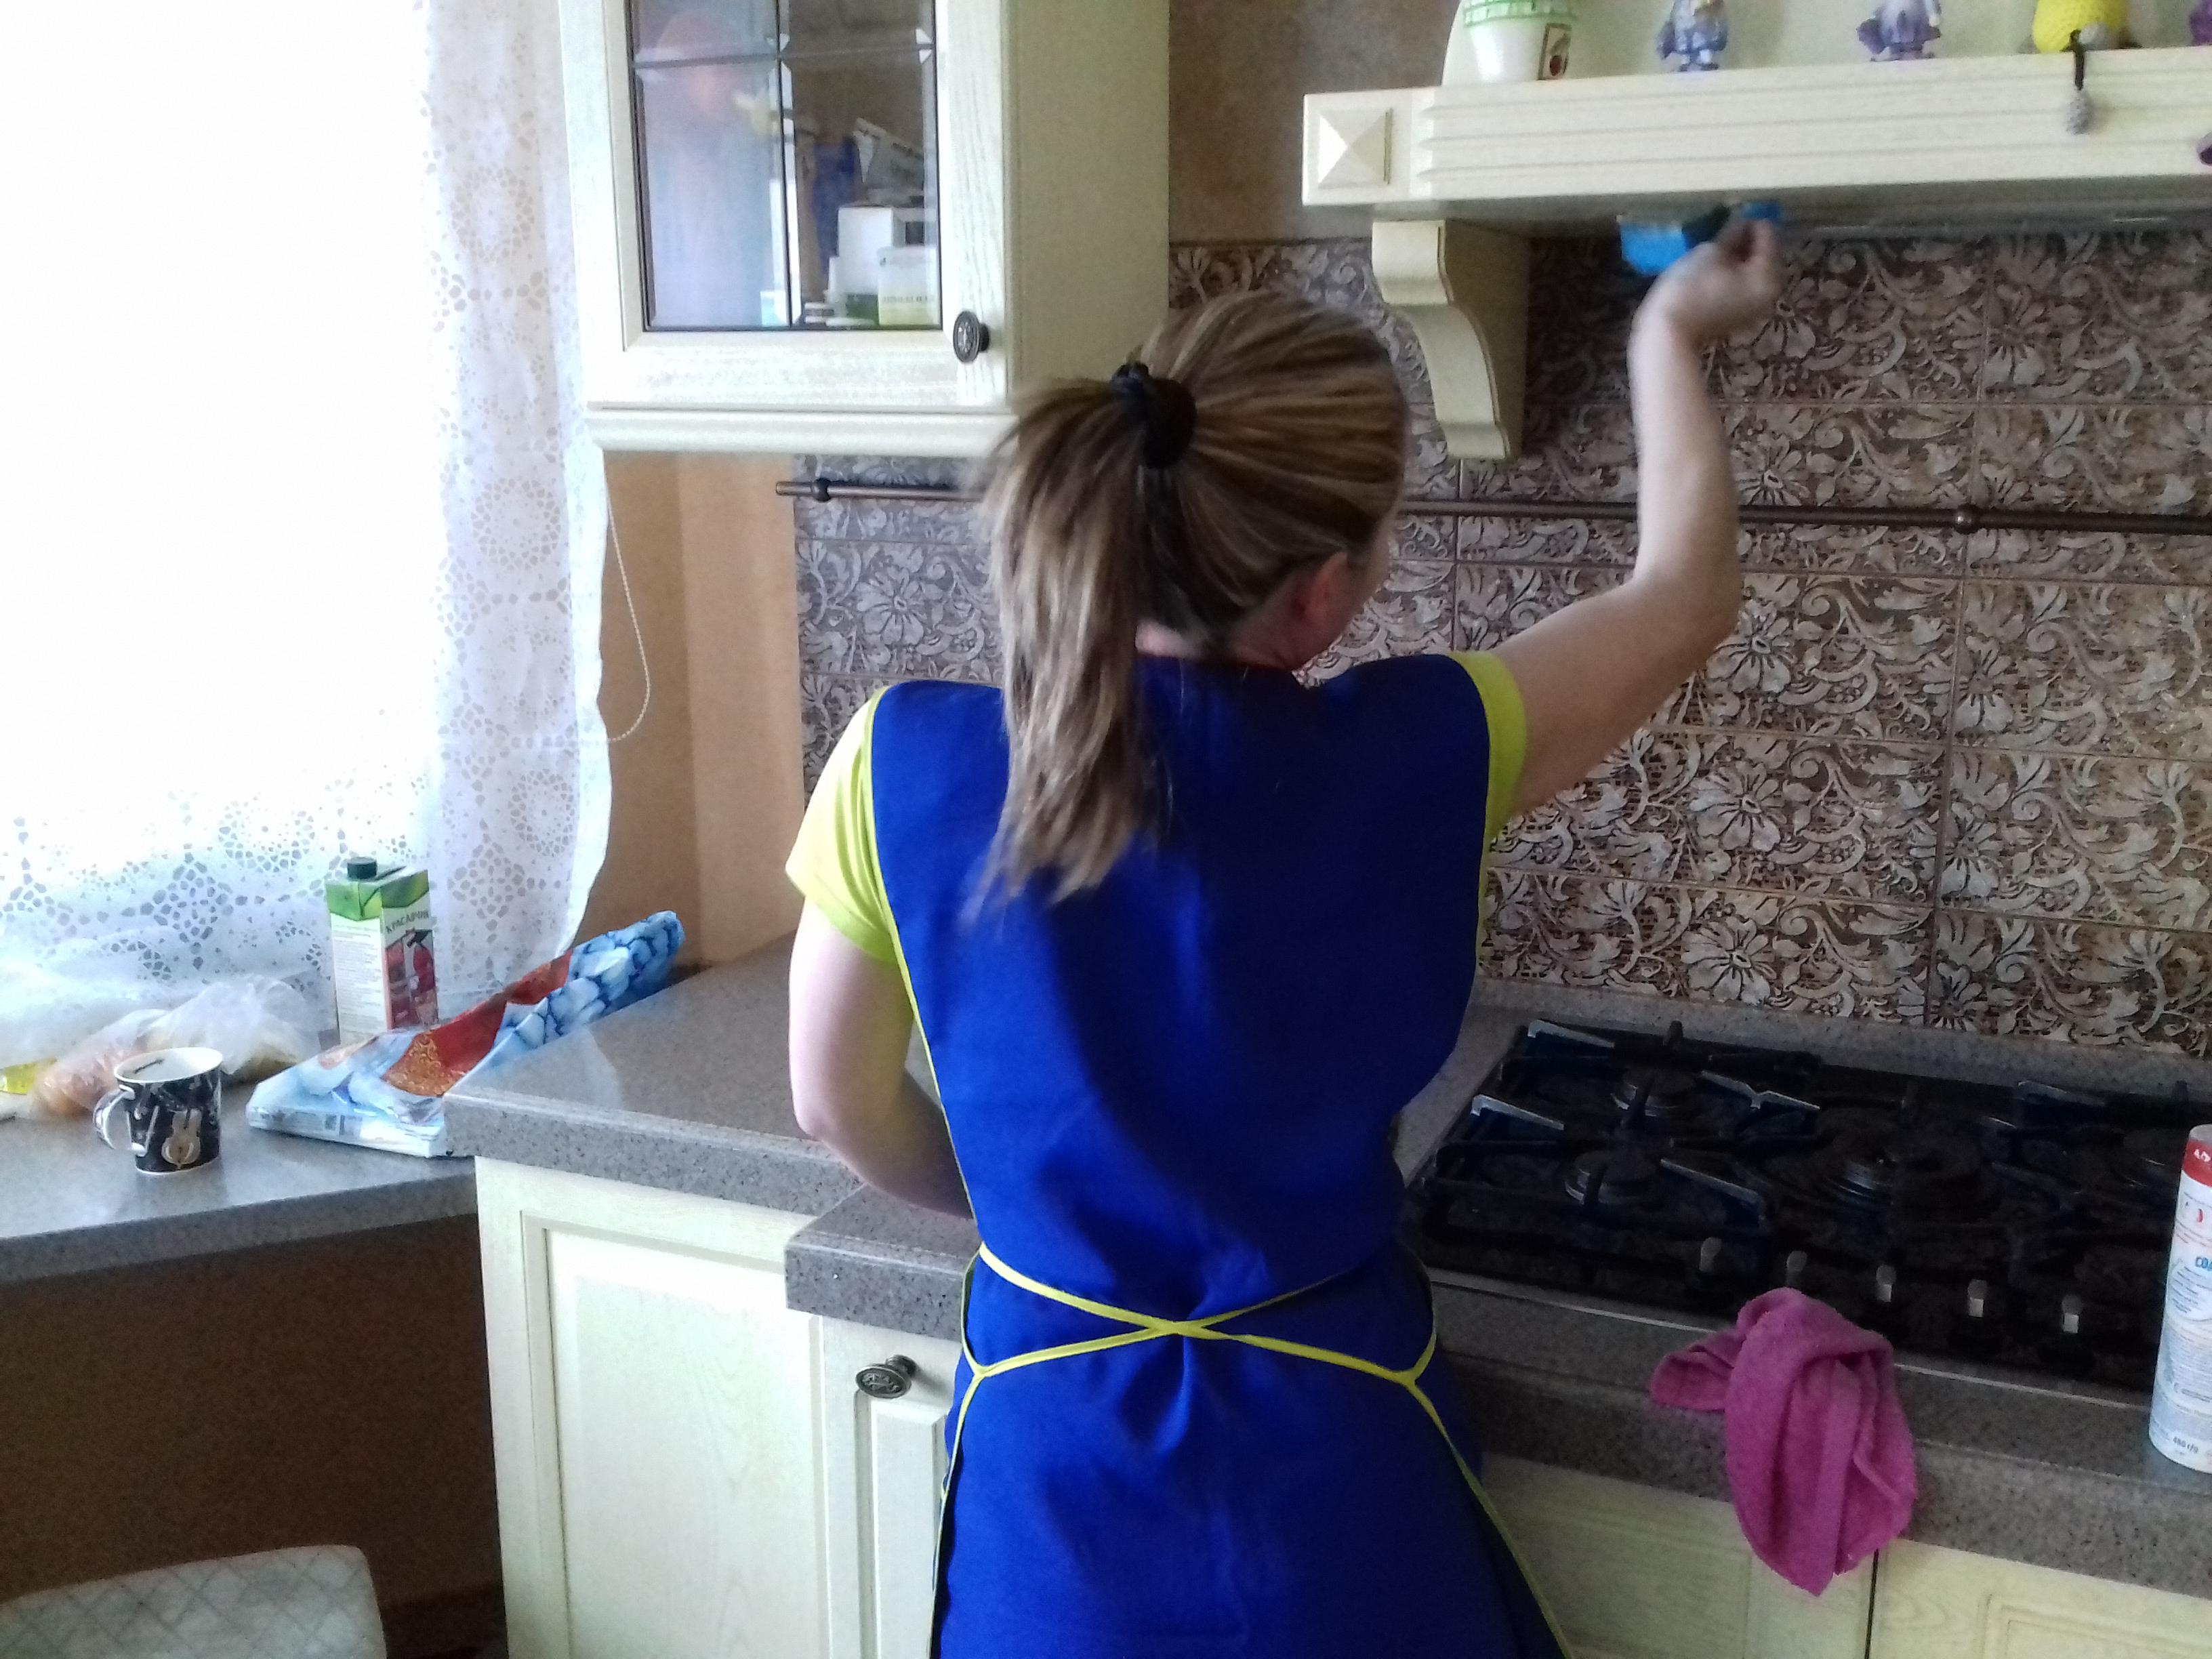 """Клининговая компания Челябинска """"Лидер"""" оказывает качественные услуги по уборке любых помещений, мытье окон, а также химчистке ковровых покрытий и мягкой мебели на дому!"""